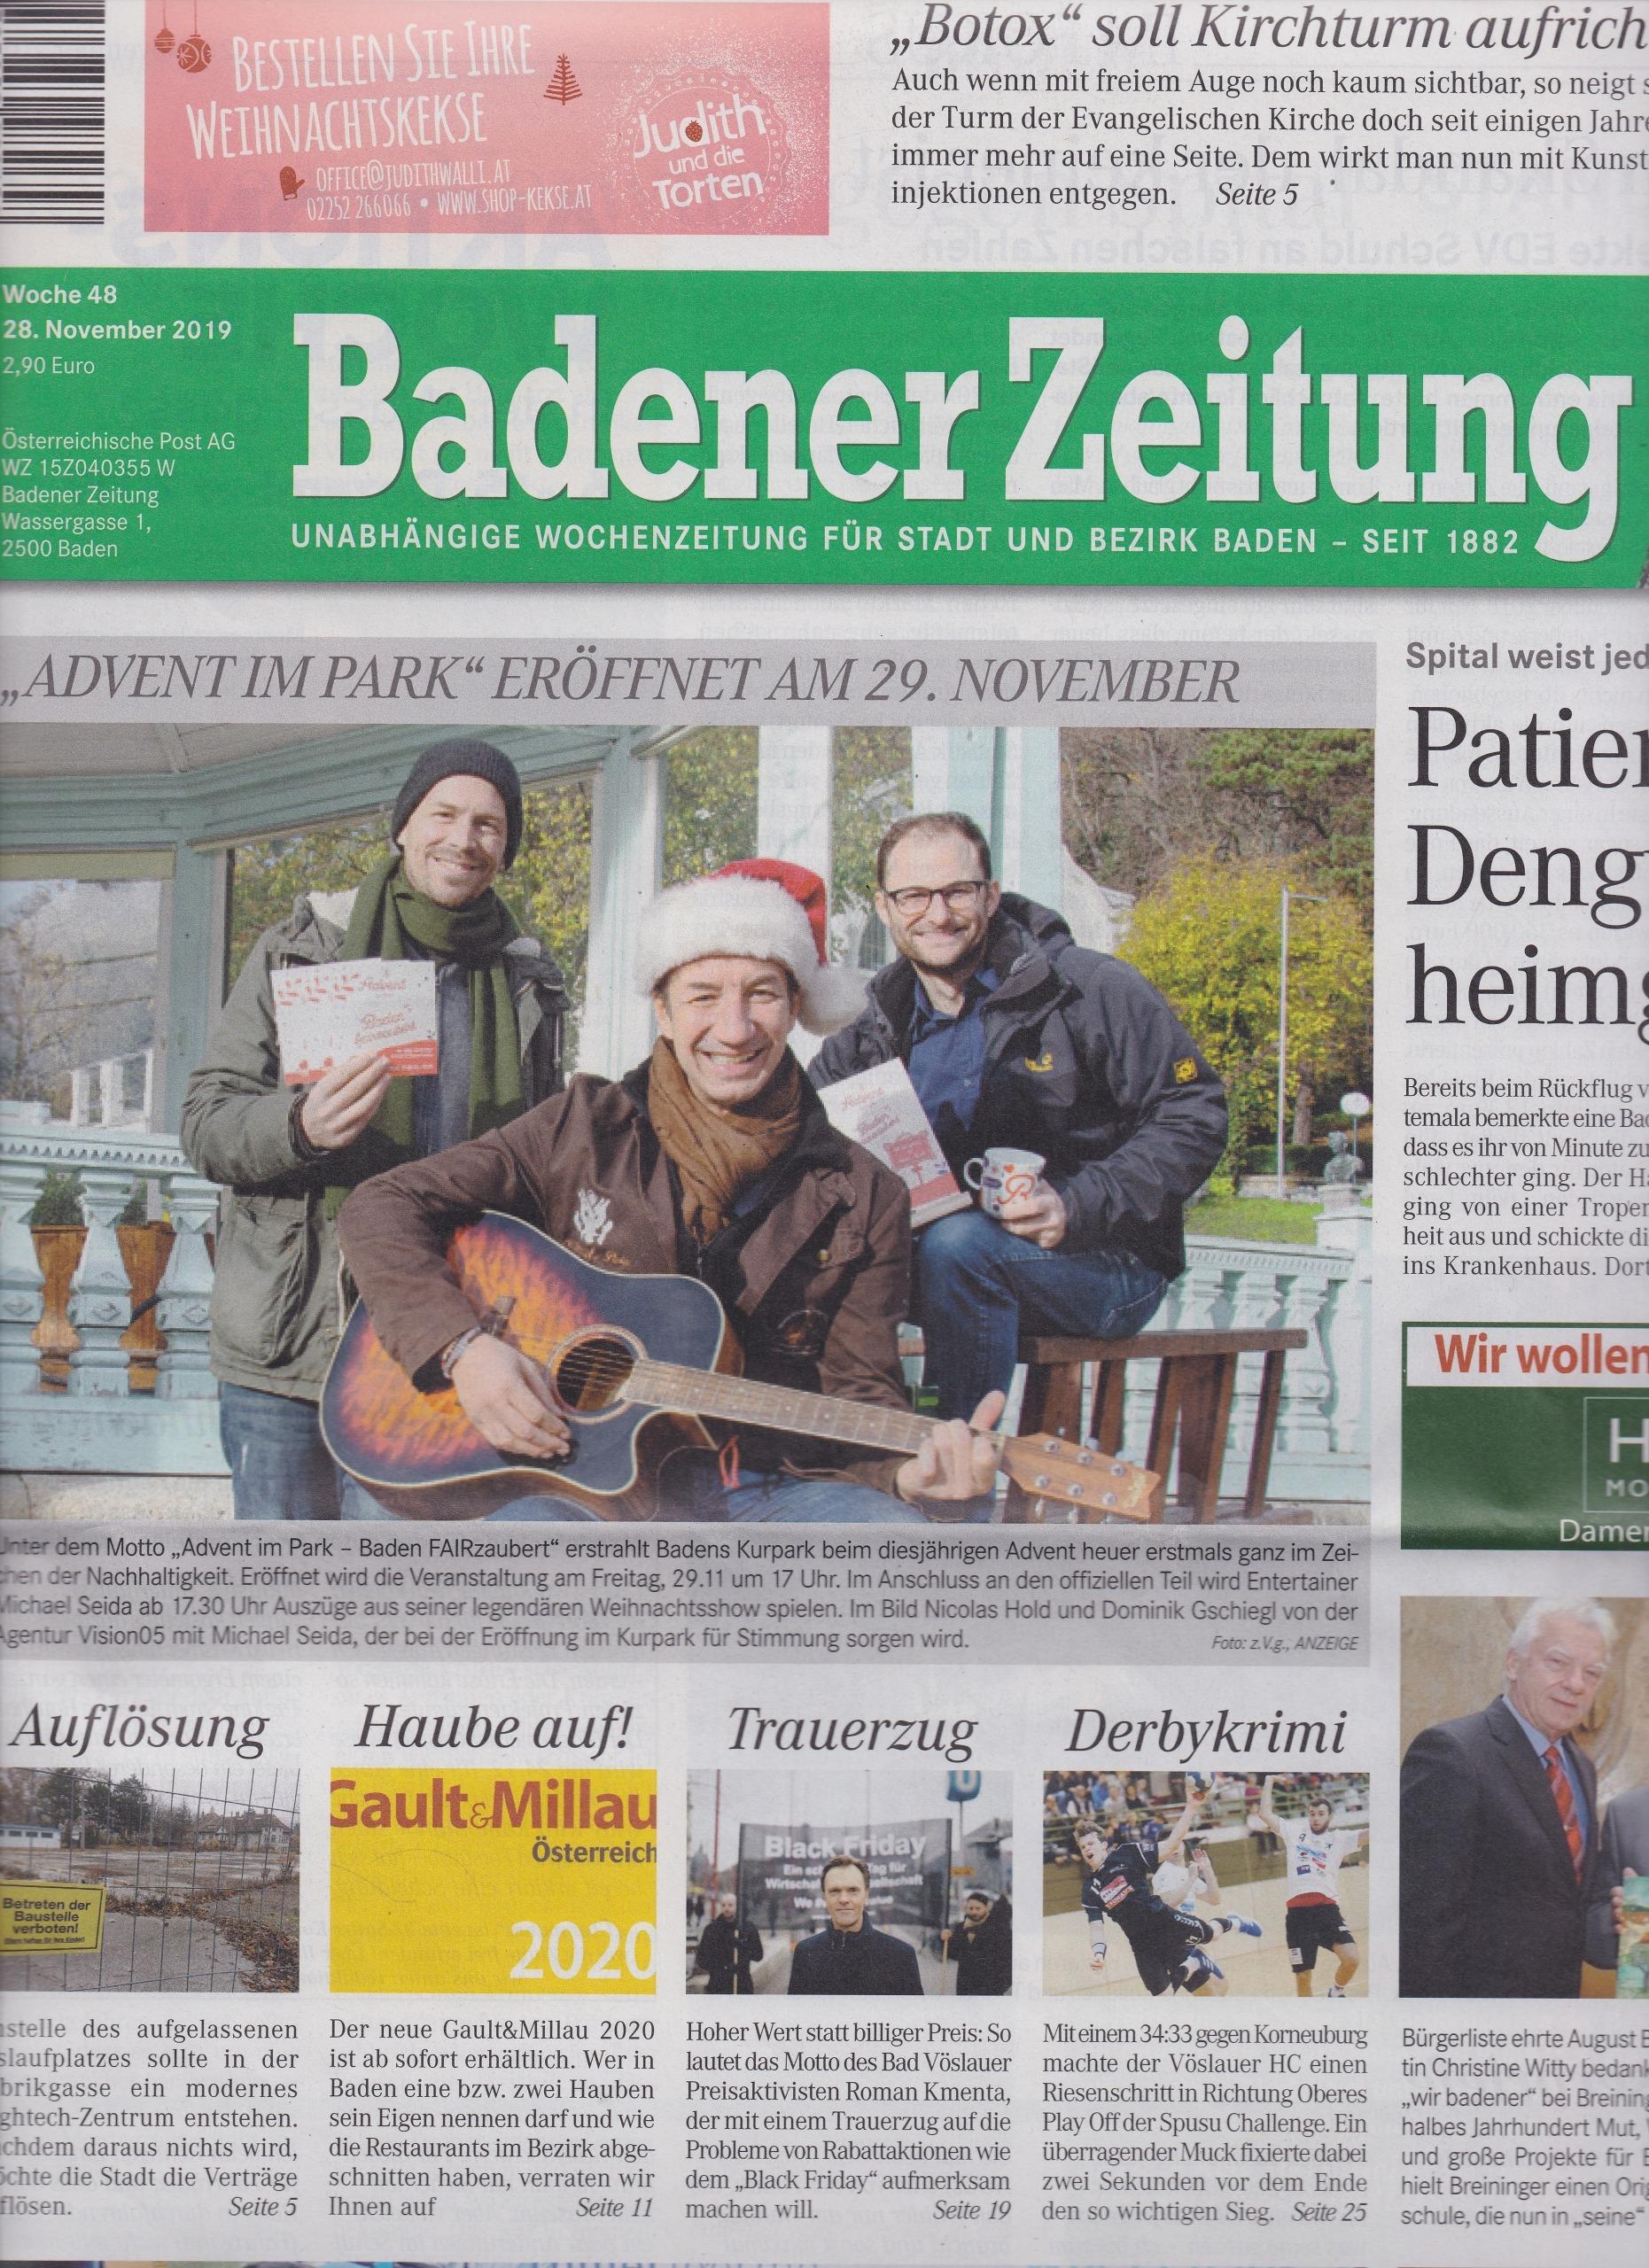 Trauerzug von Mag. Roman Kmenta gegen Billigpreise - Badener Zeitung 11/2019 - Cover